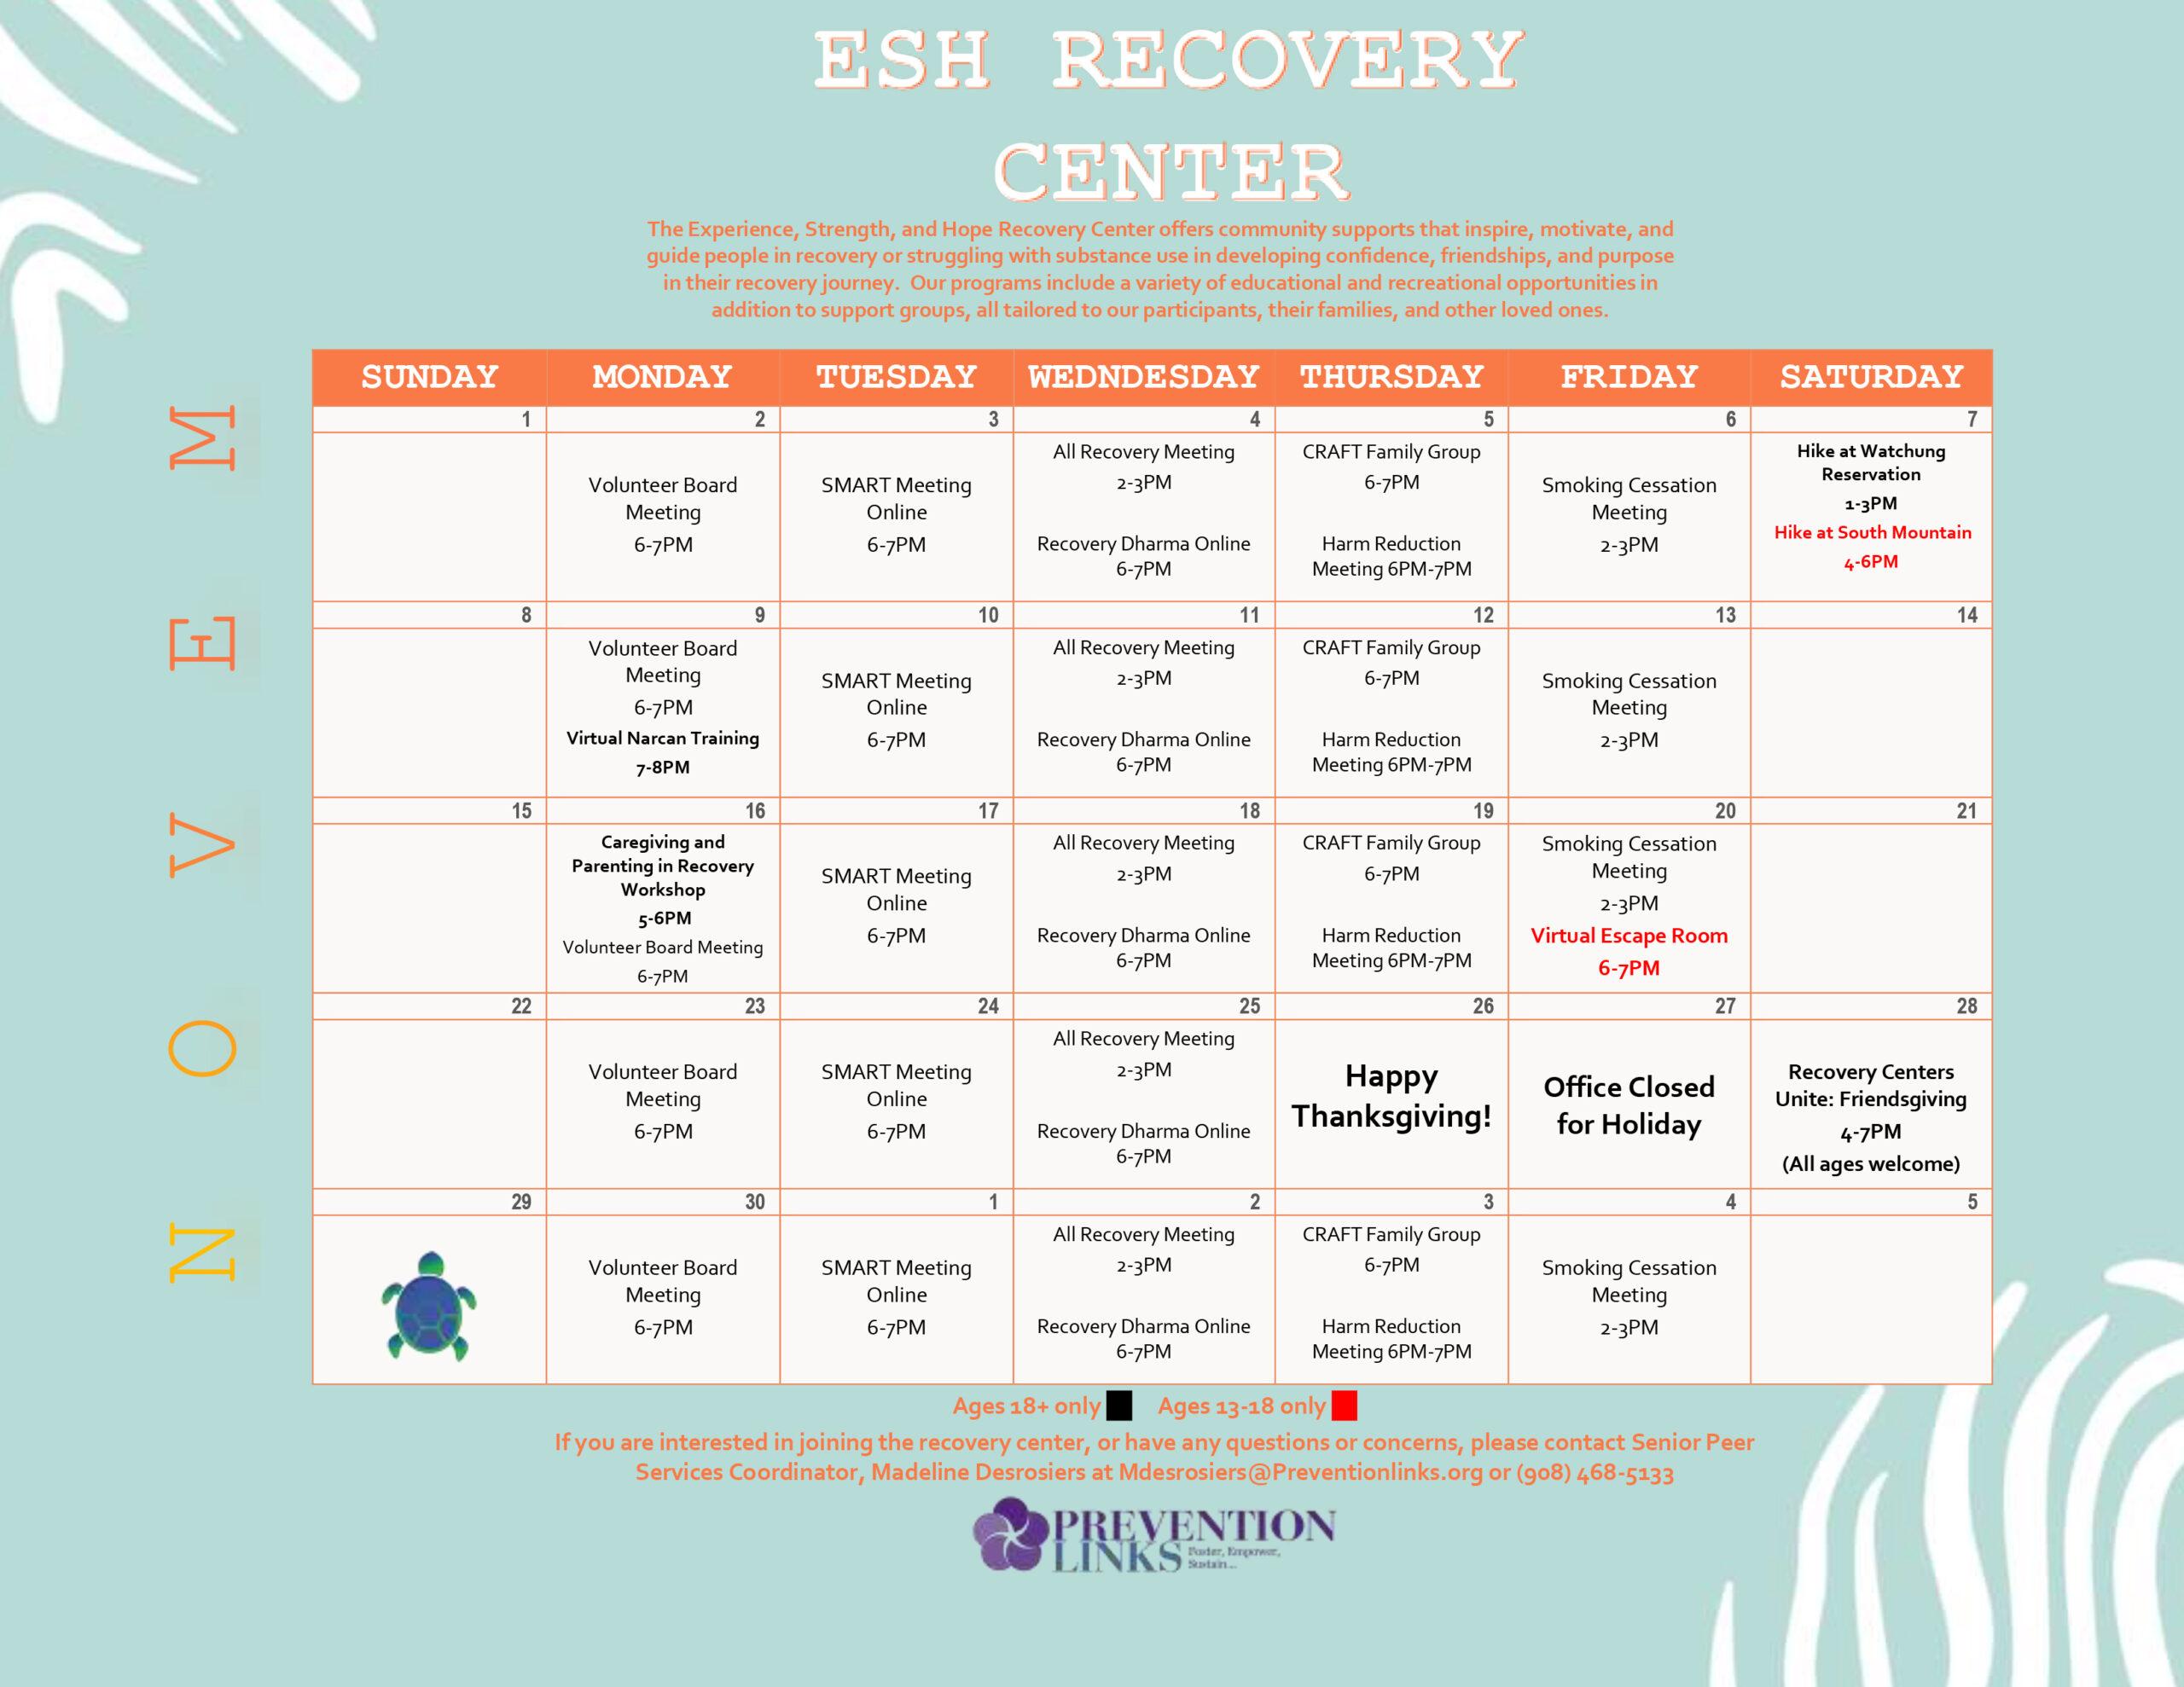 ESH Recovery Center Calendar November 2020